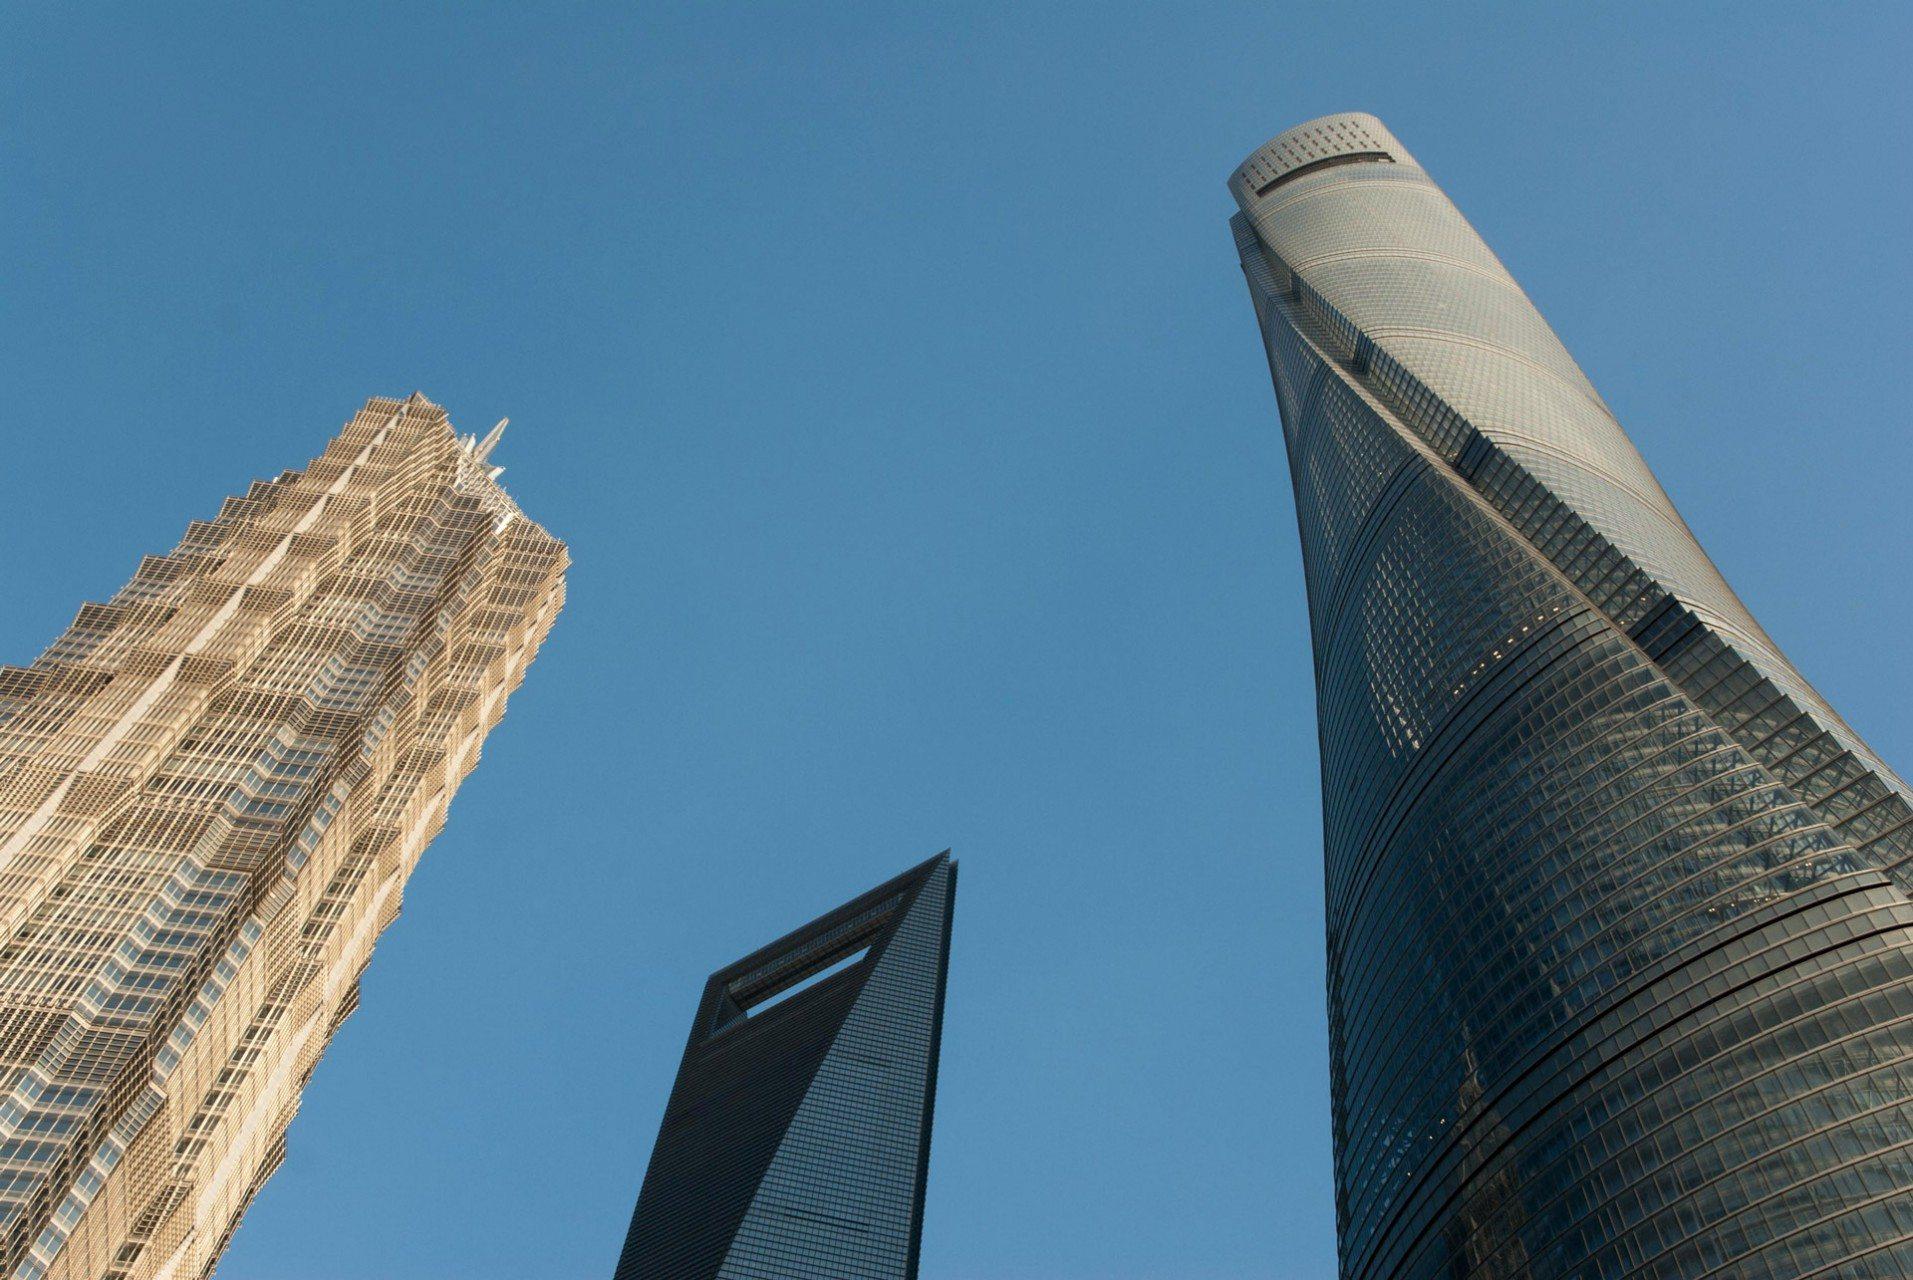 Das Treffen der drei Superwolkenkratzer.  Jin Mao Towers, Shanghai World Financial Center und der Shanghai Tower